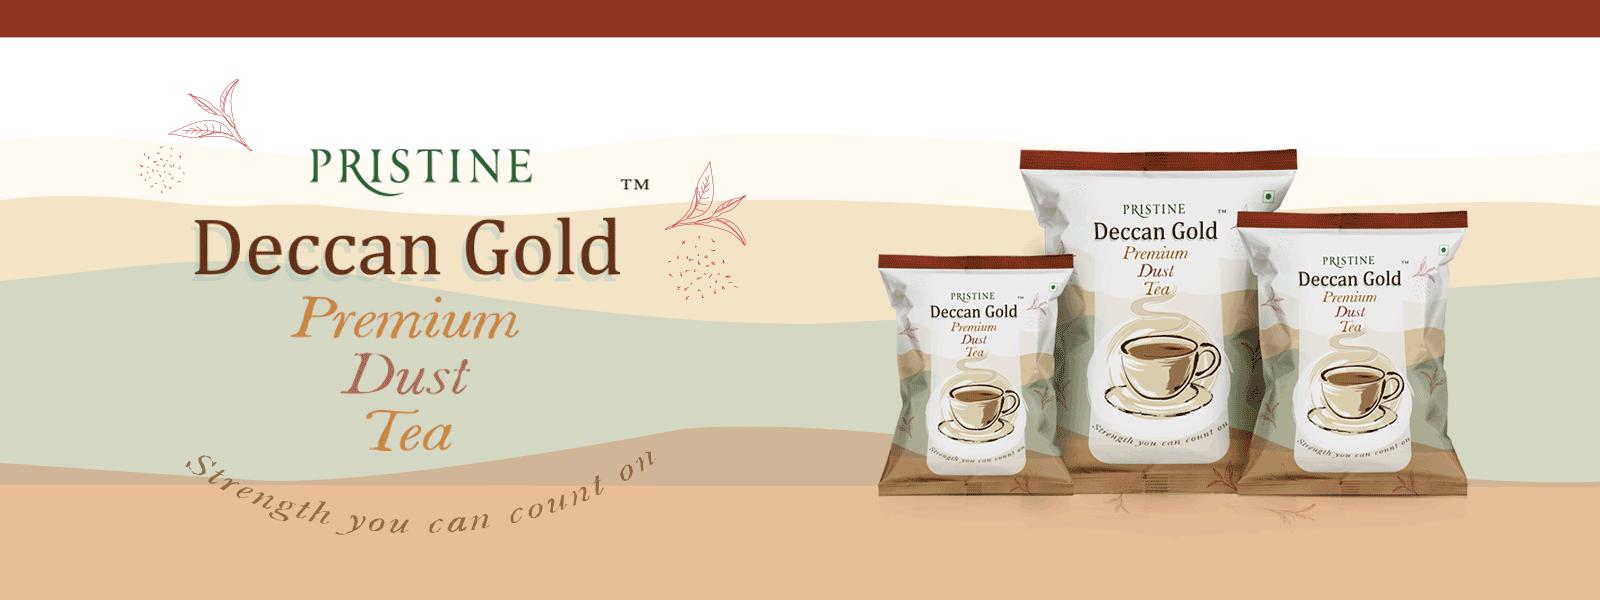 Tea-Pristine organics